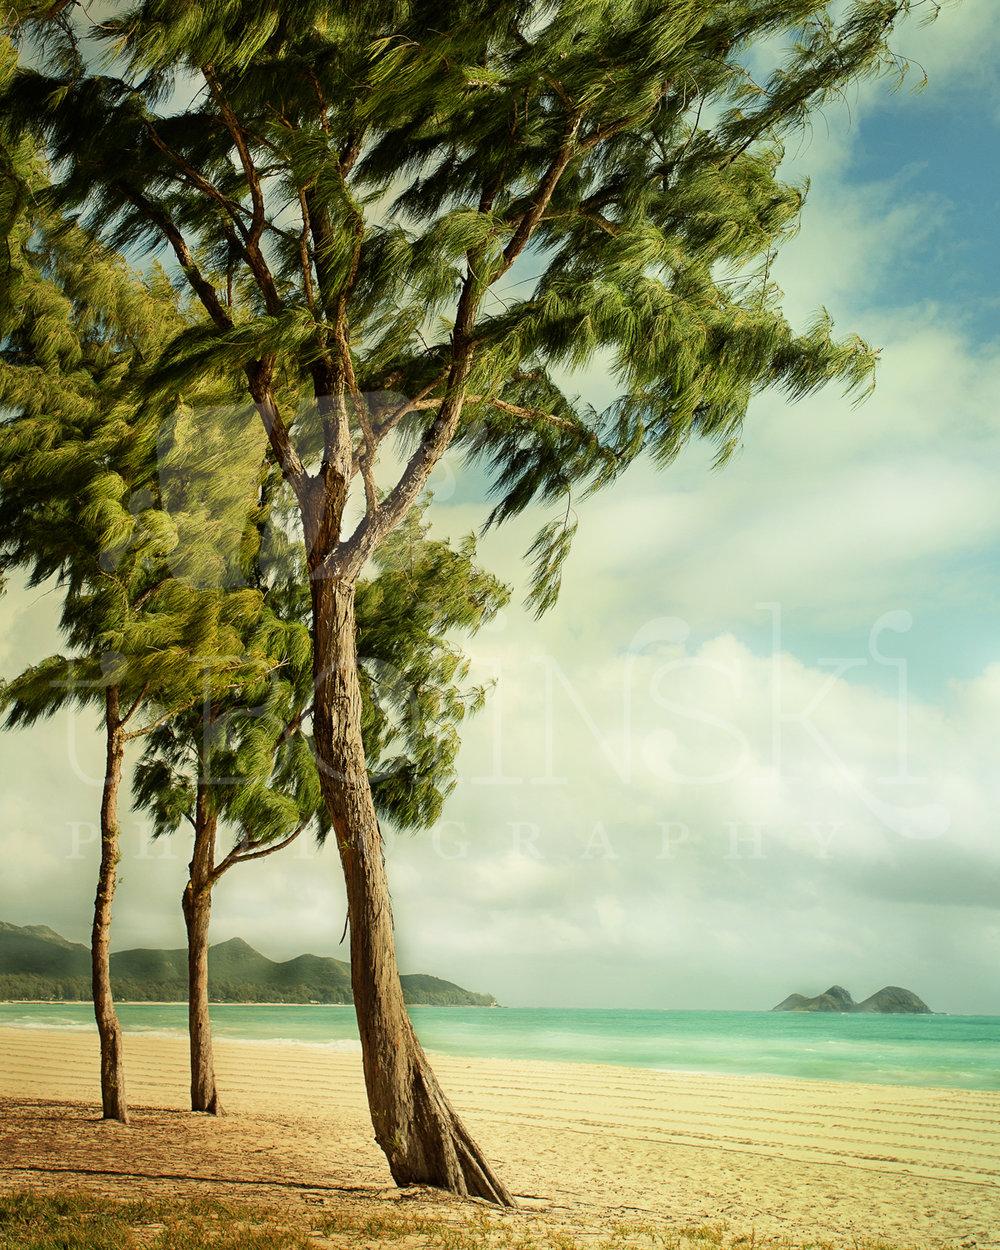 Tree V.S. Ocean Wind